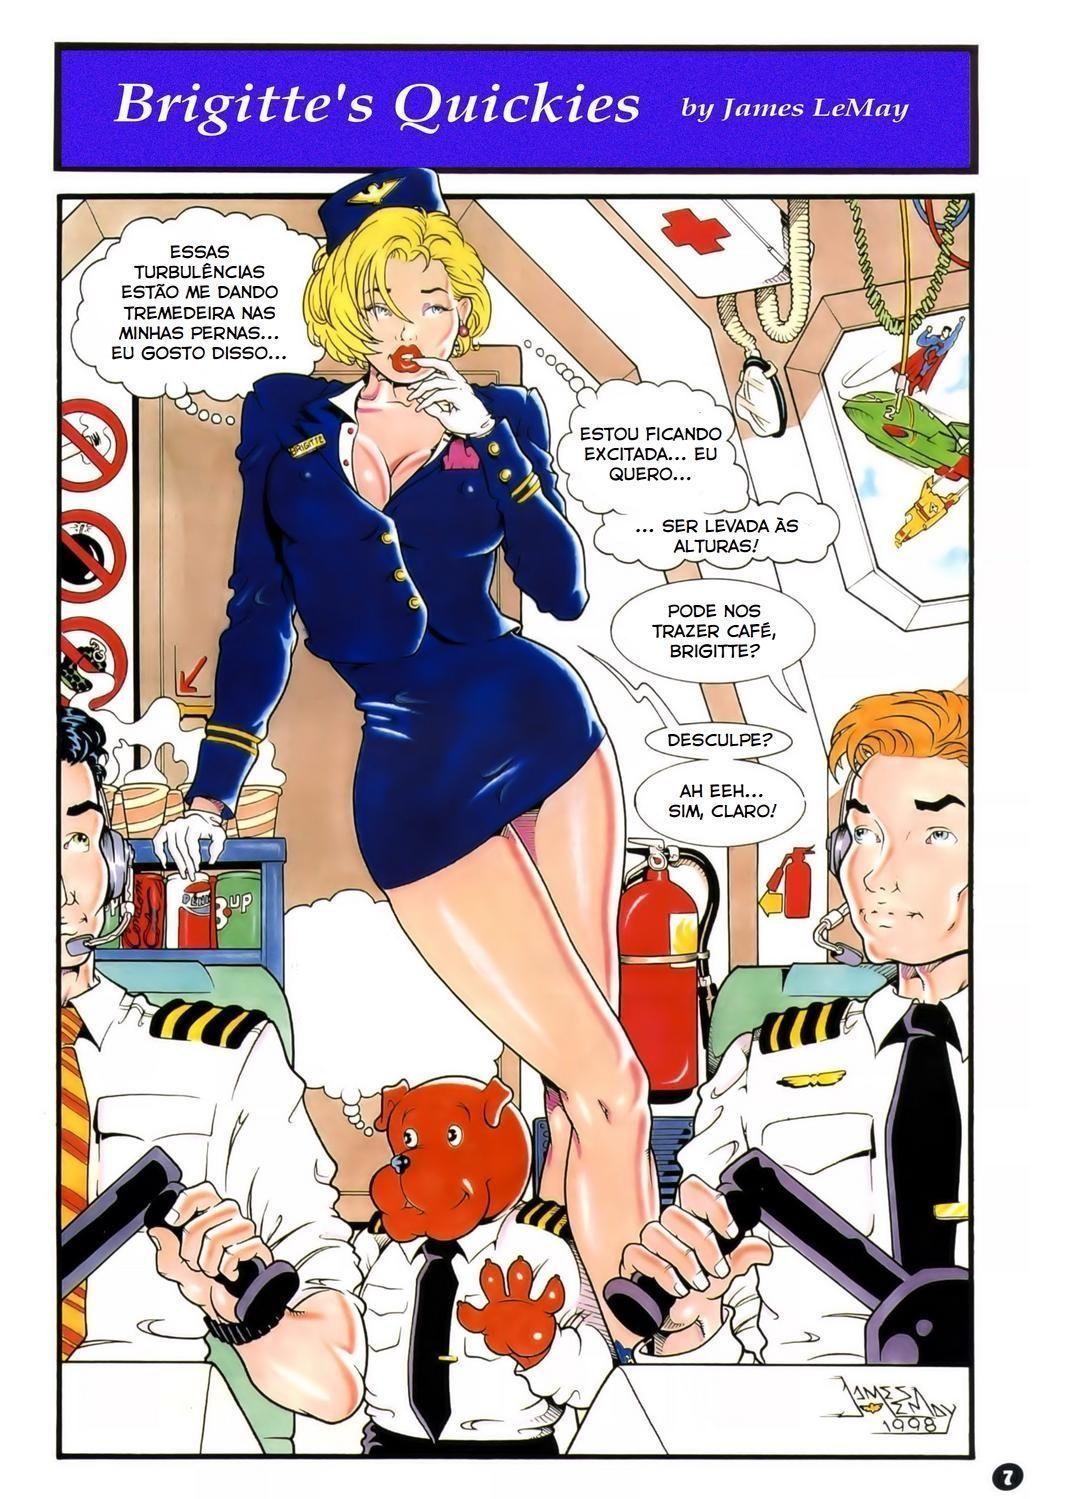 quadrinho-erotico-rapidinhas-de-brigitte-2-5